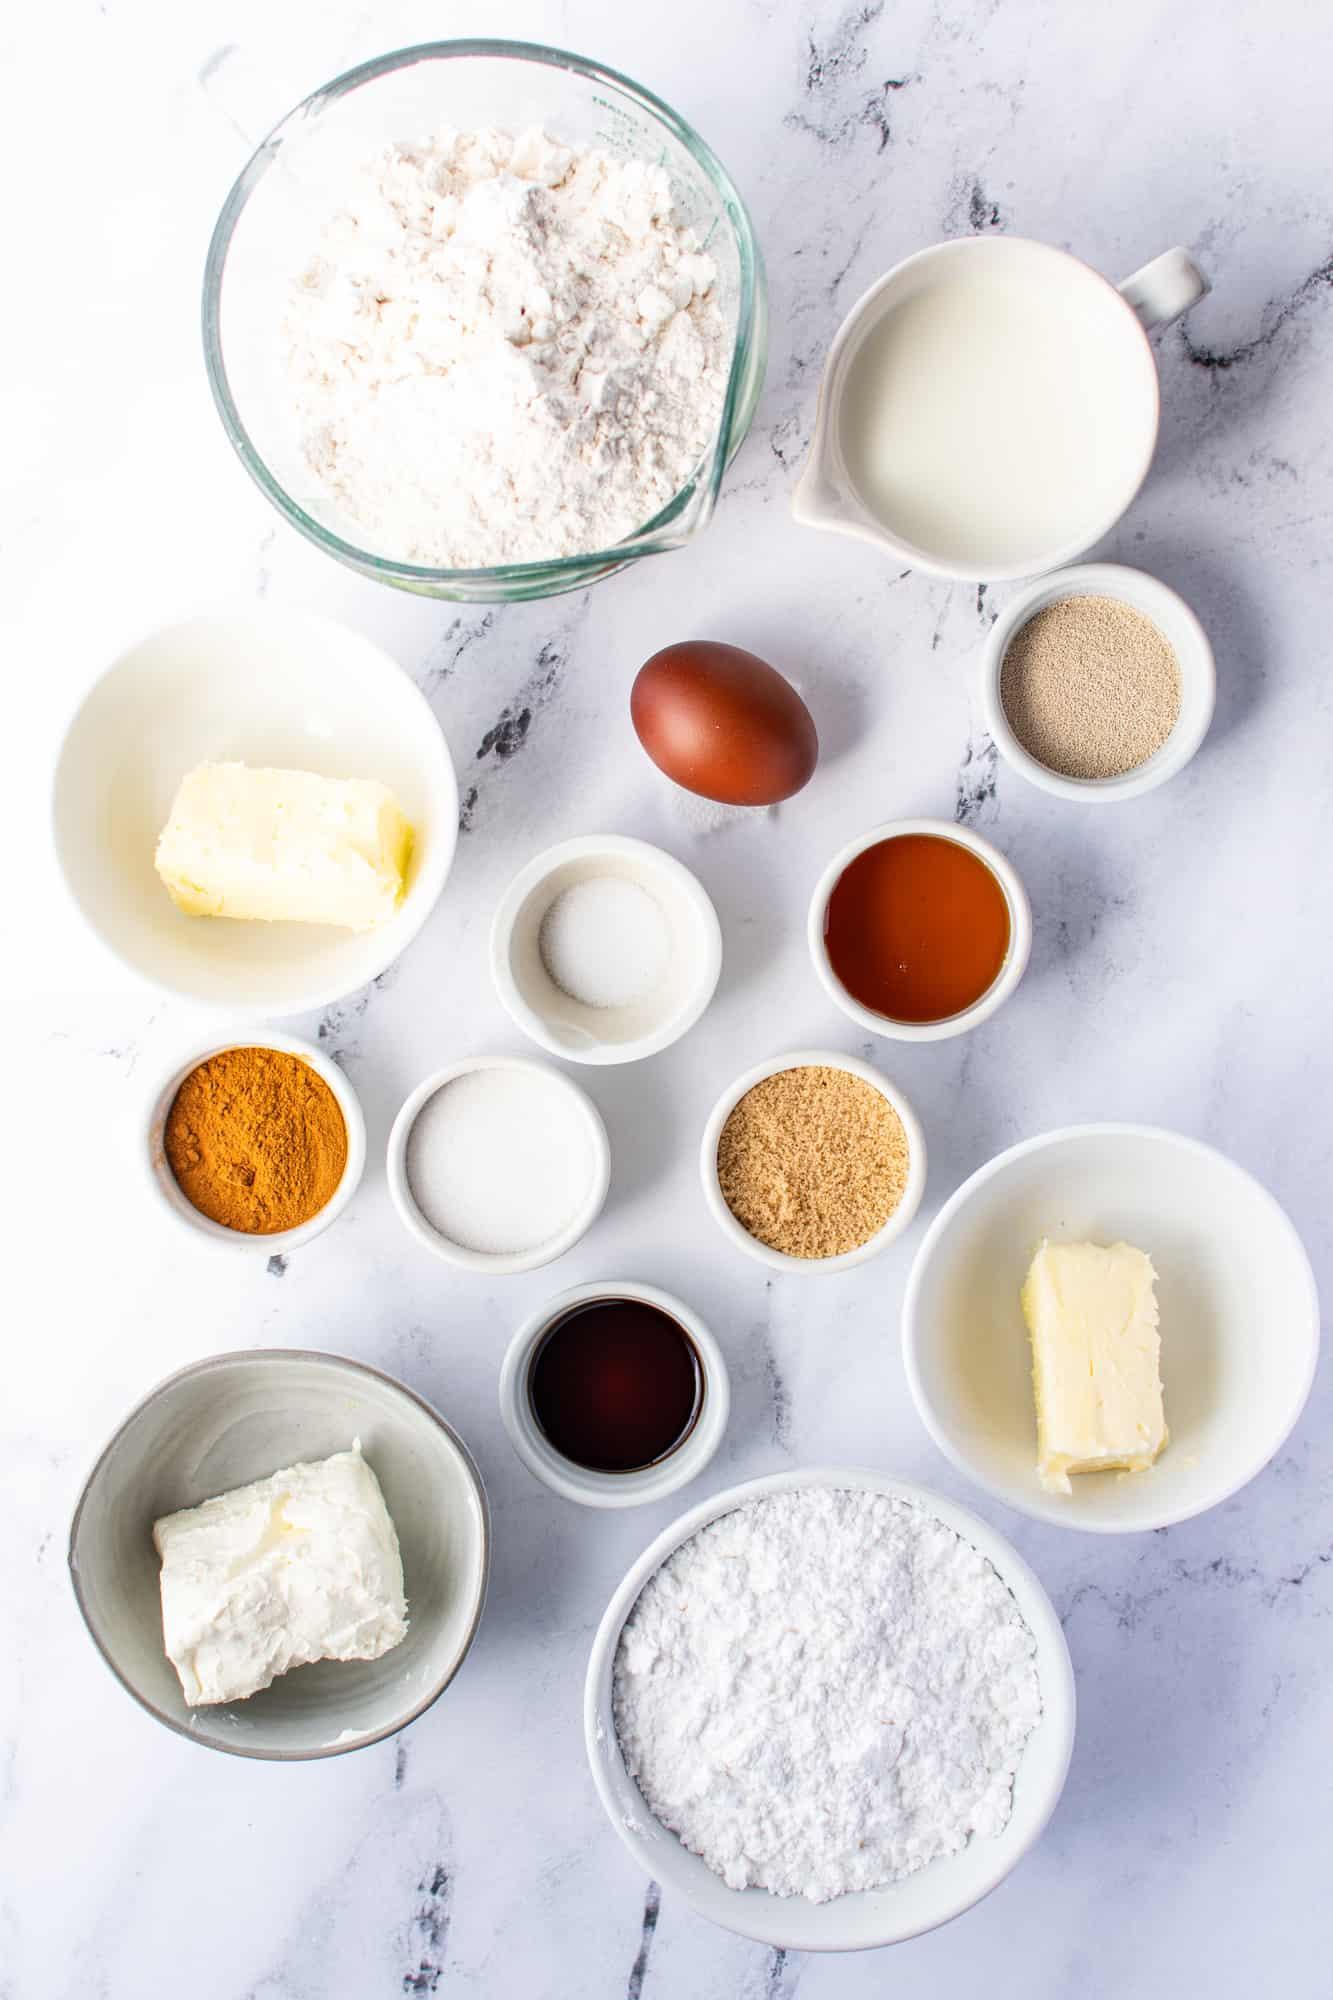 ingredients needed: milk, unsalted butter, instant dry yeast, honey, all-purpose flour, egg, salt, brown sugar white sugar, ground cinnamon, powdered sugar, cream cheese